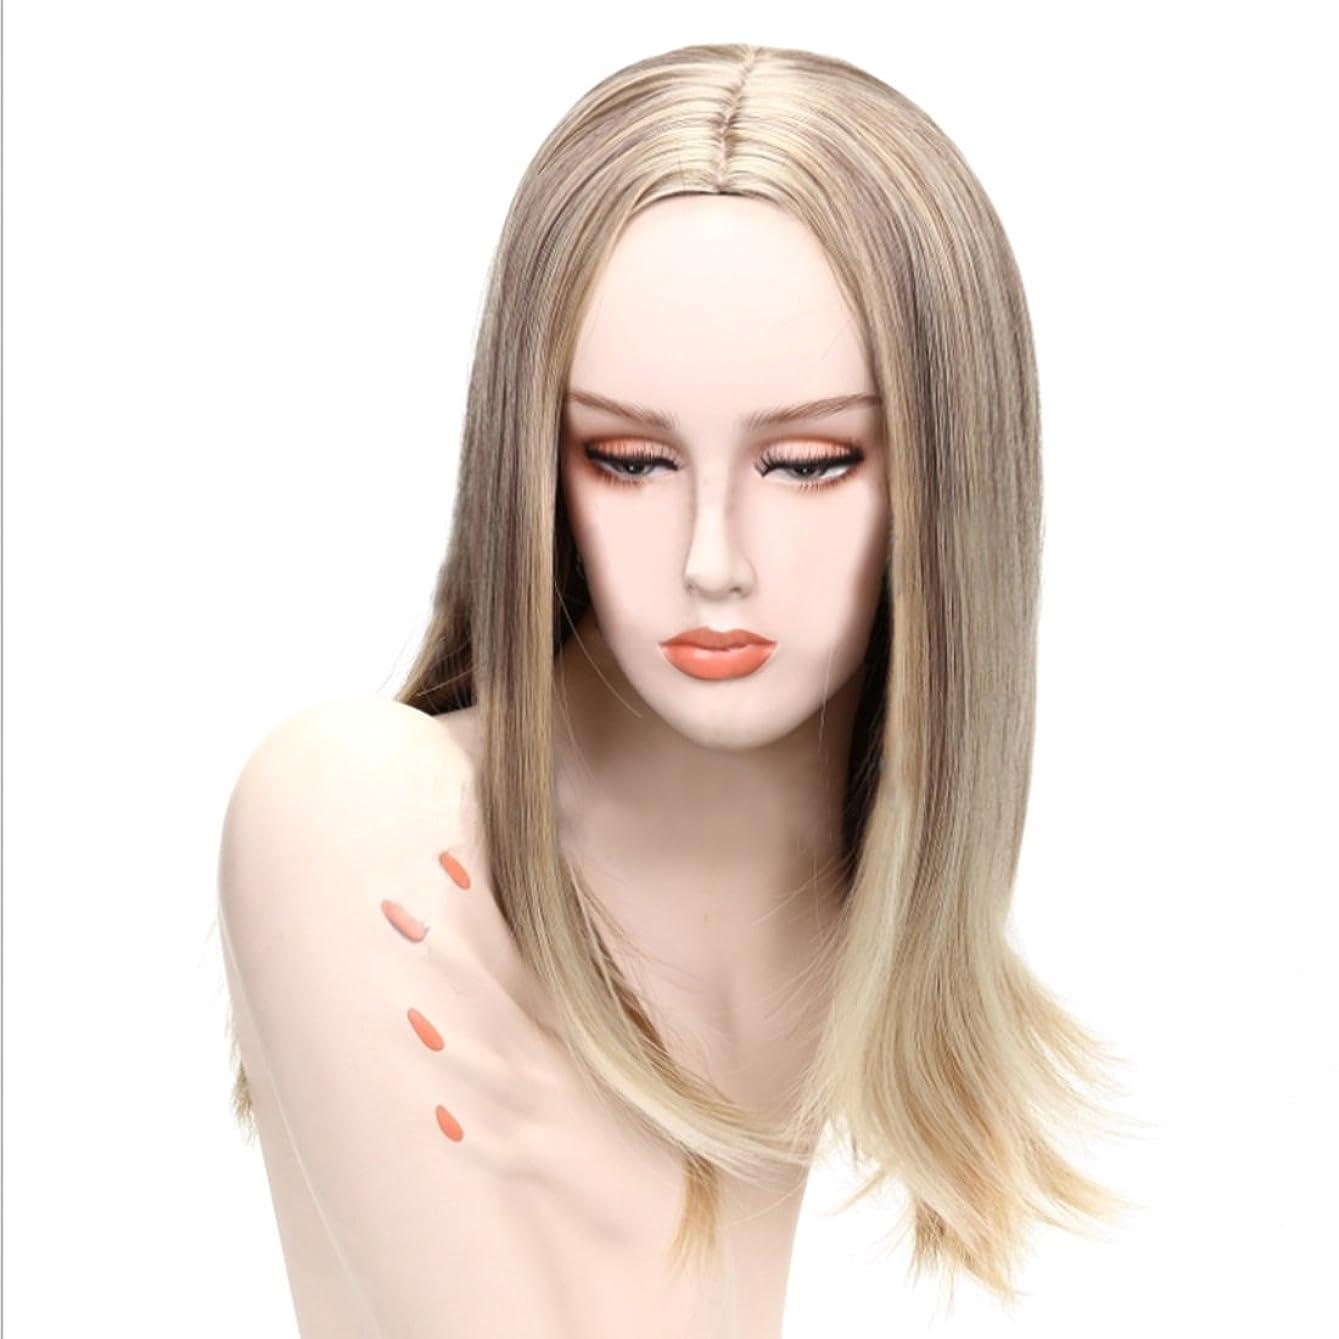 現在積極的に空中Doyvanntgo 女性のためのフルヘッドストレートウィッグロングヘア耐熱化学繊維毛フラットバンまたはロングバンズウィッグナチュラルカラーゴールド28inch / 26inch (Color : Gold black)